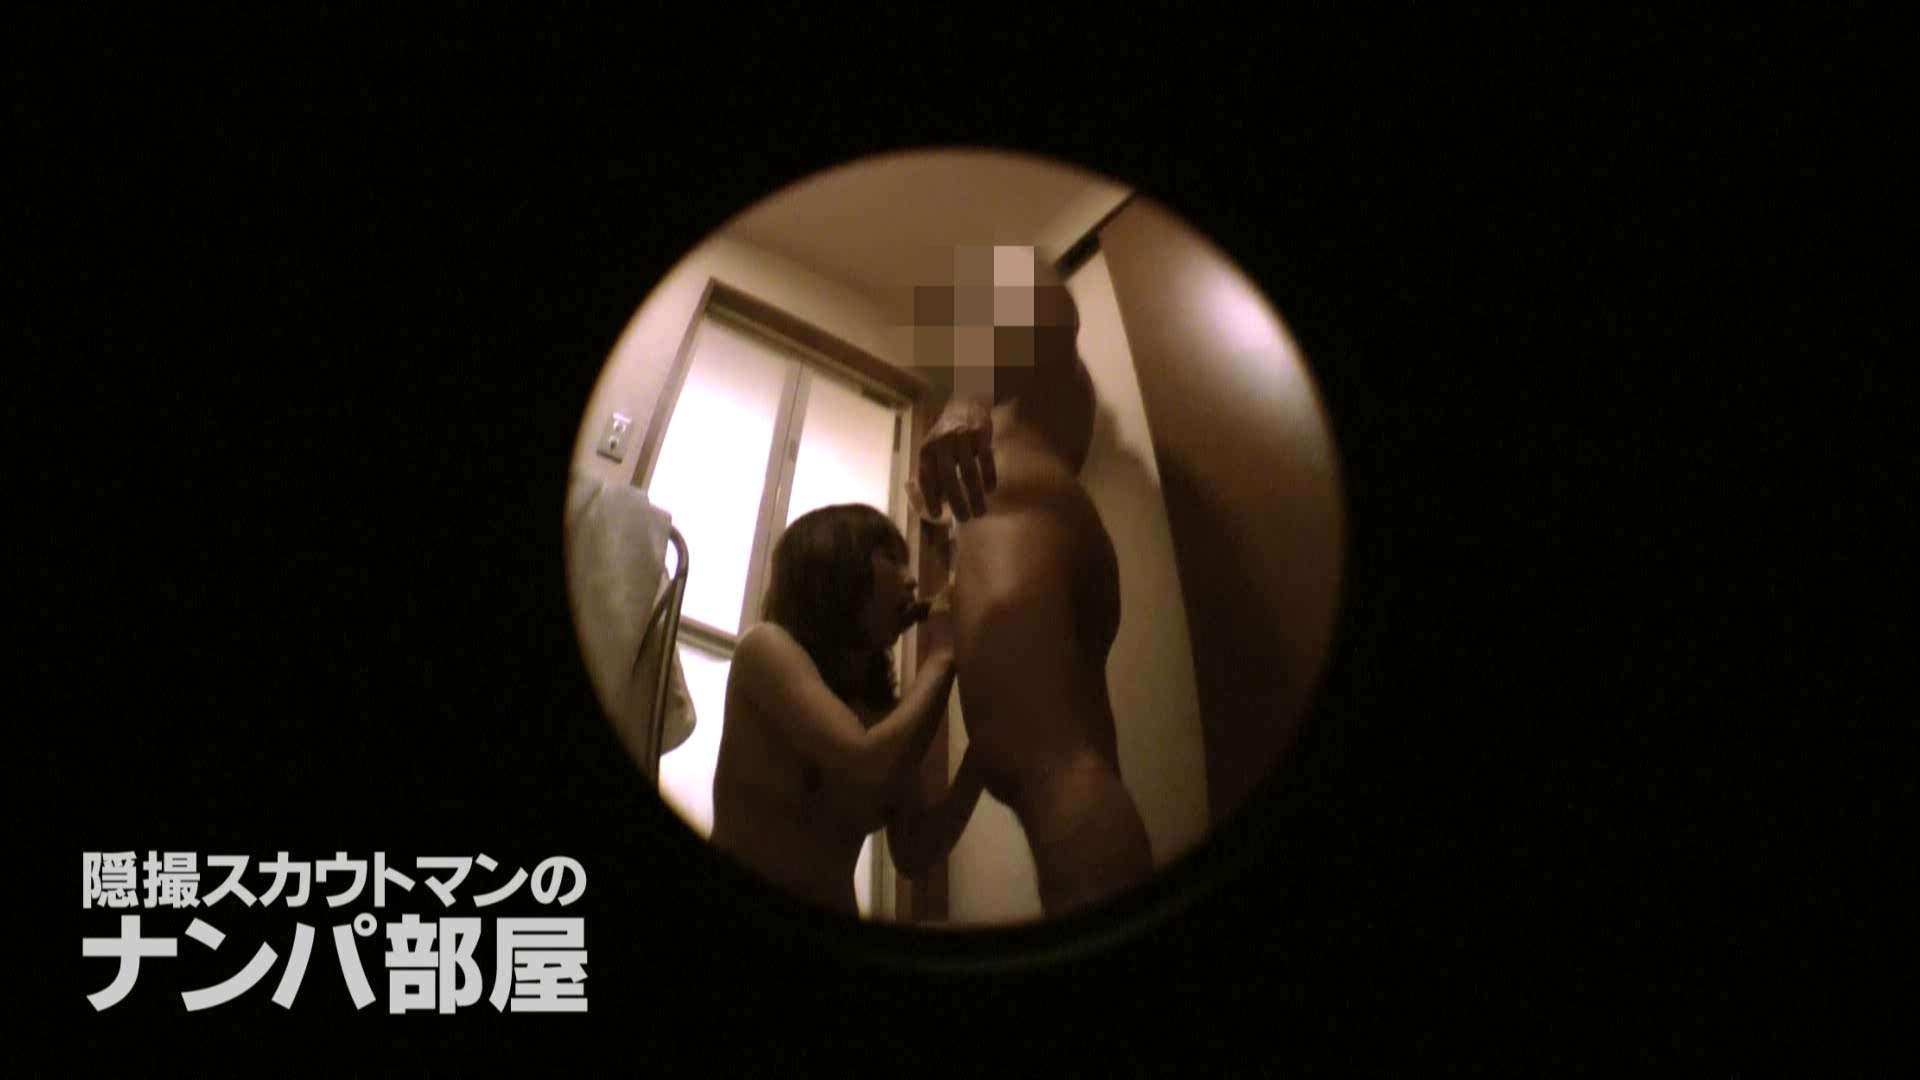 隠撮スカウトマンのナンパ部屋~風俗デビュー前のつまみ食い~ siivol.4 ナンパ おめこ無修正画像 57PIX 29